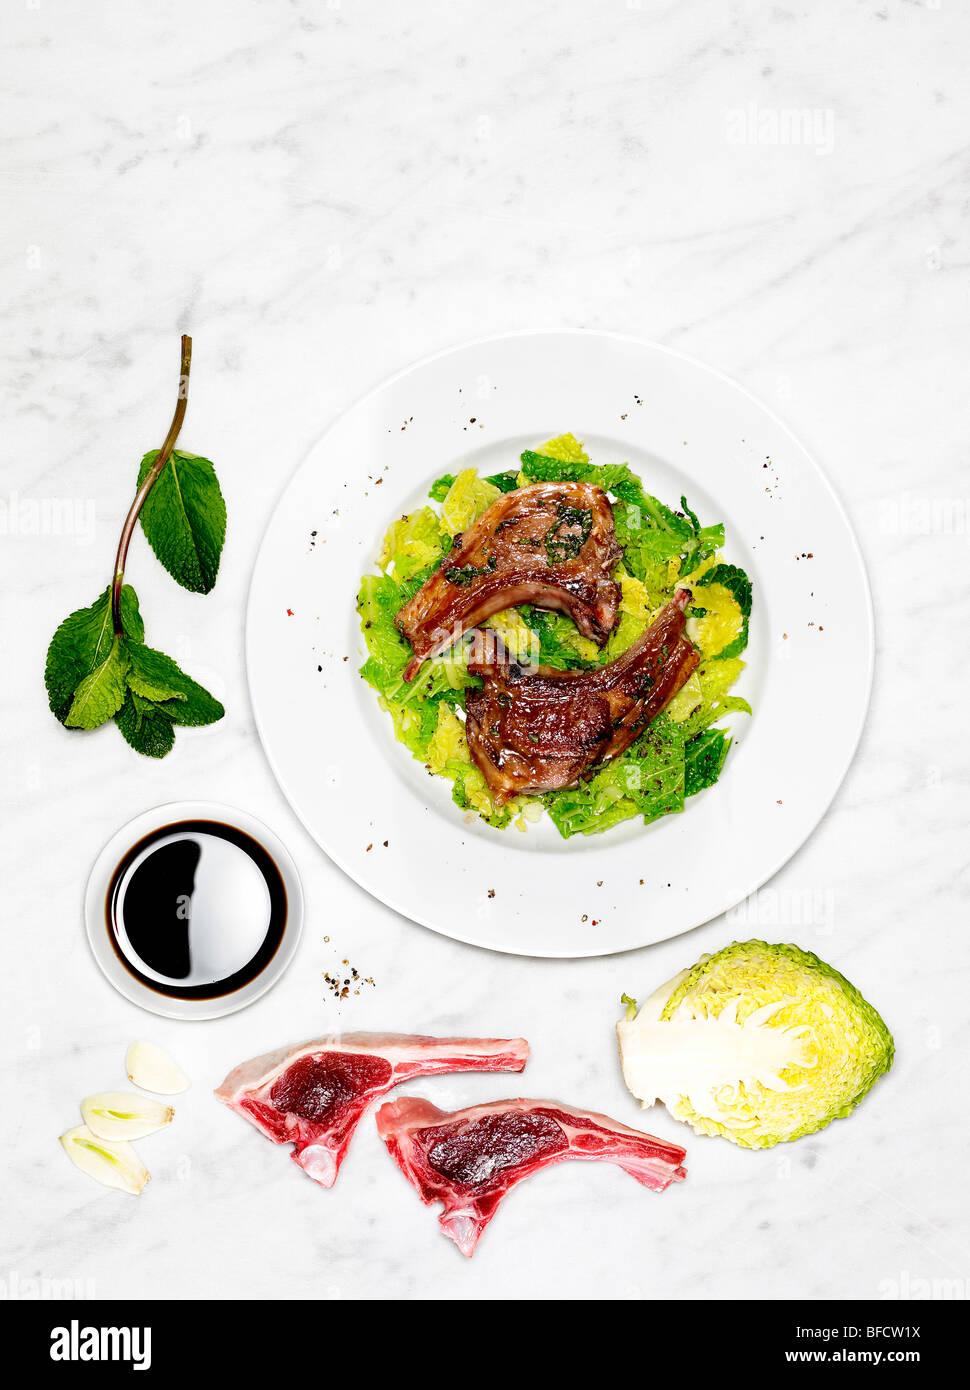 Côtelettes d'agneau et salade, un repas léger adapté pour la perte de poids, avec des ingrédients Banque D'Images